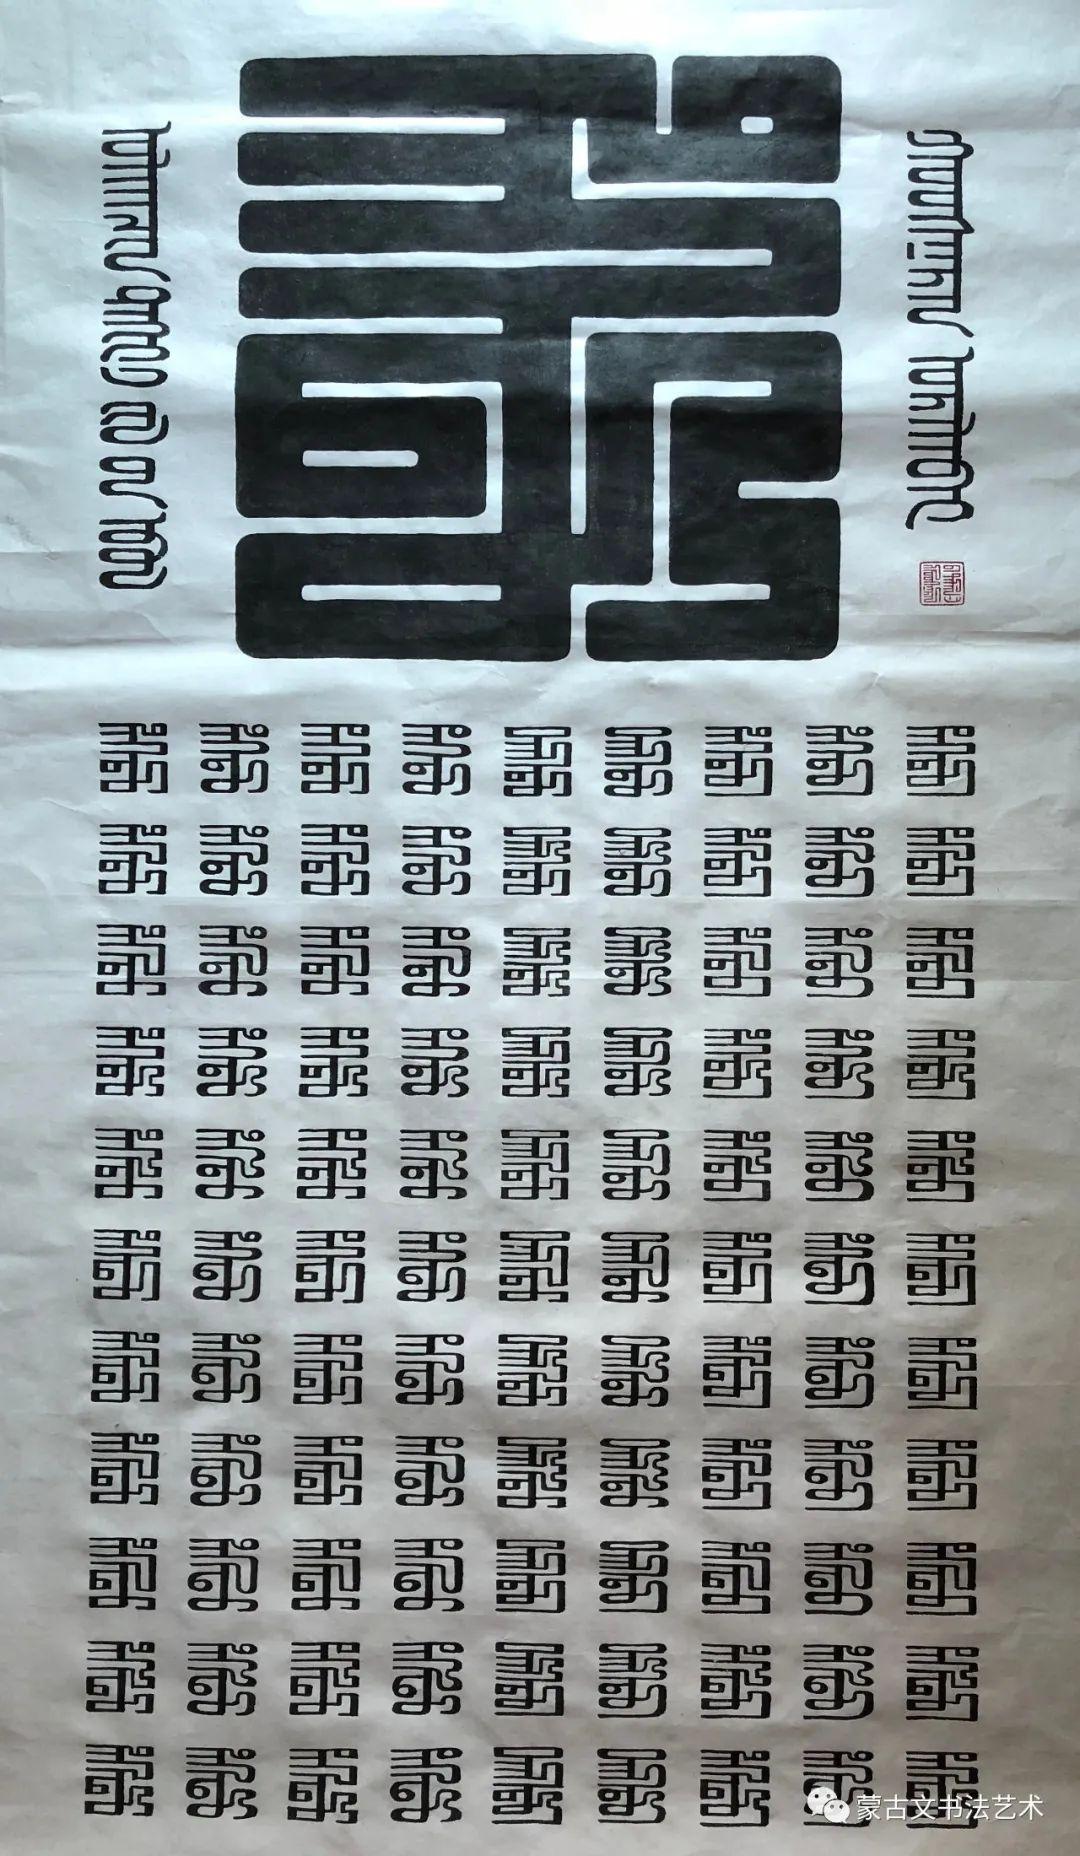 好斯那拉篆书作品 第9张 好斯那拉篆书作品 蒙古书法